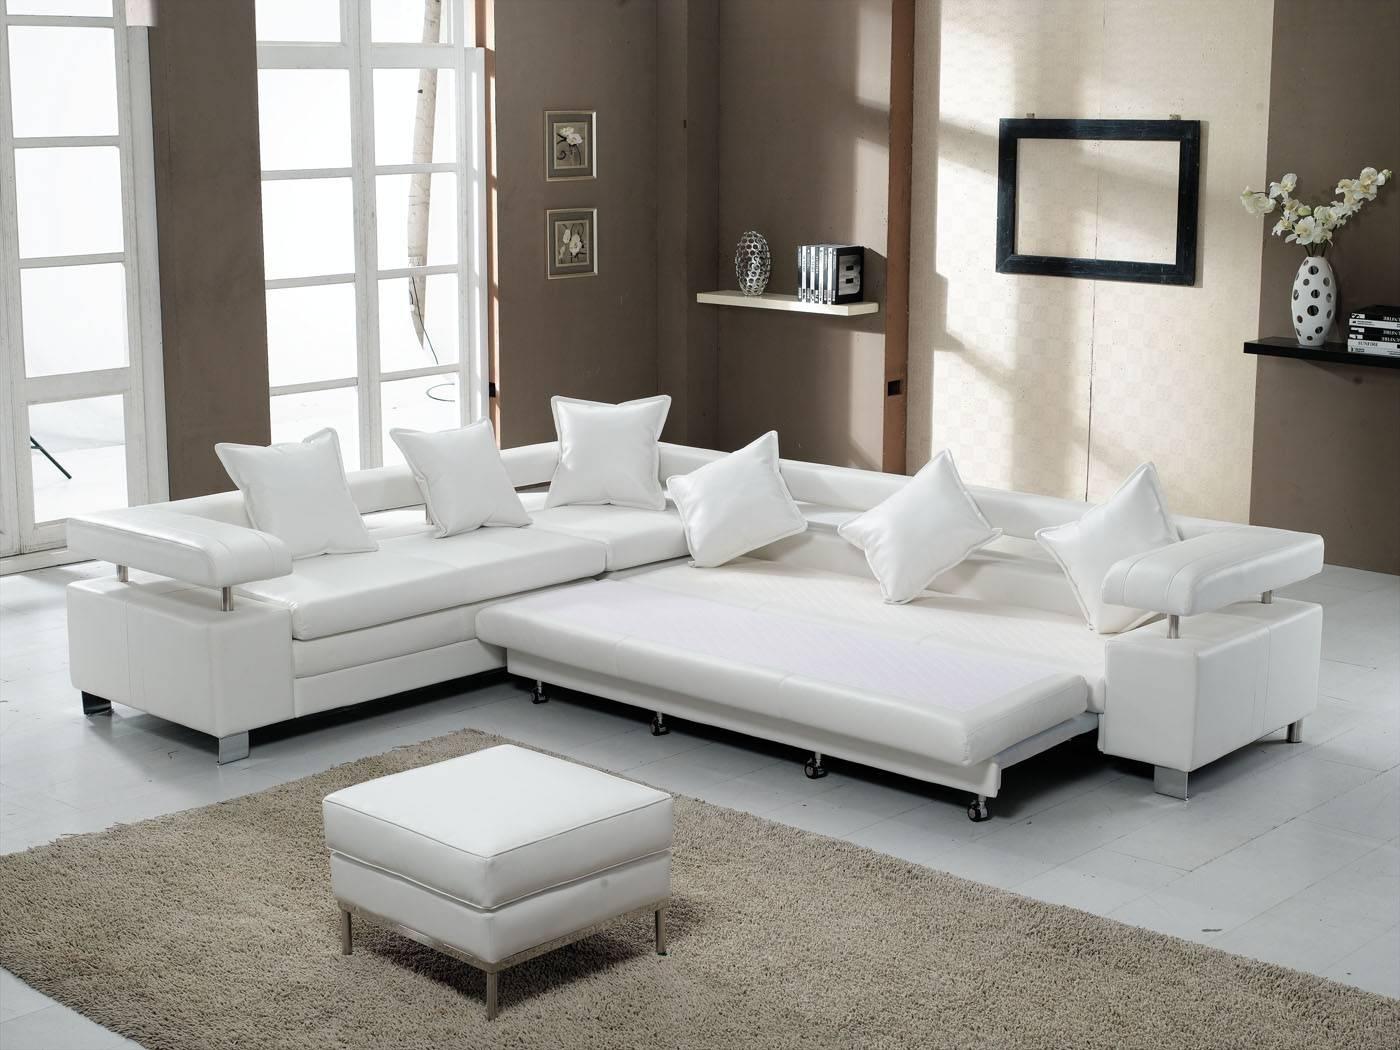 Sofas: Comfortable Simmons Sleeper Sofa For Cozy Sofas Design for Simmons Sleeper Sofas (Image 12 of 15)